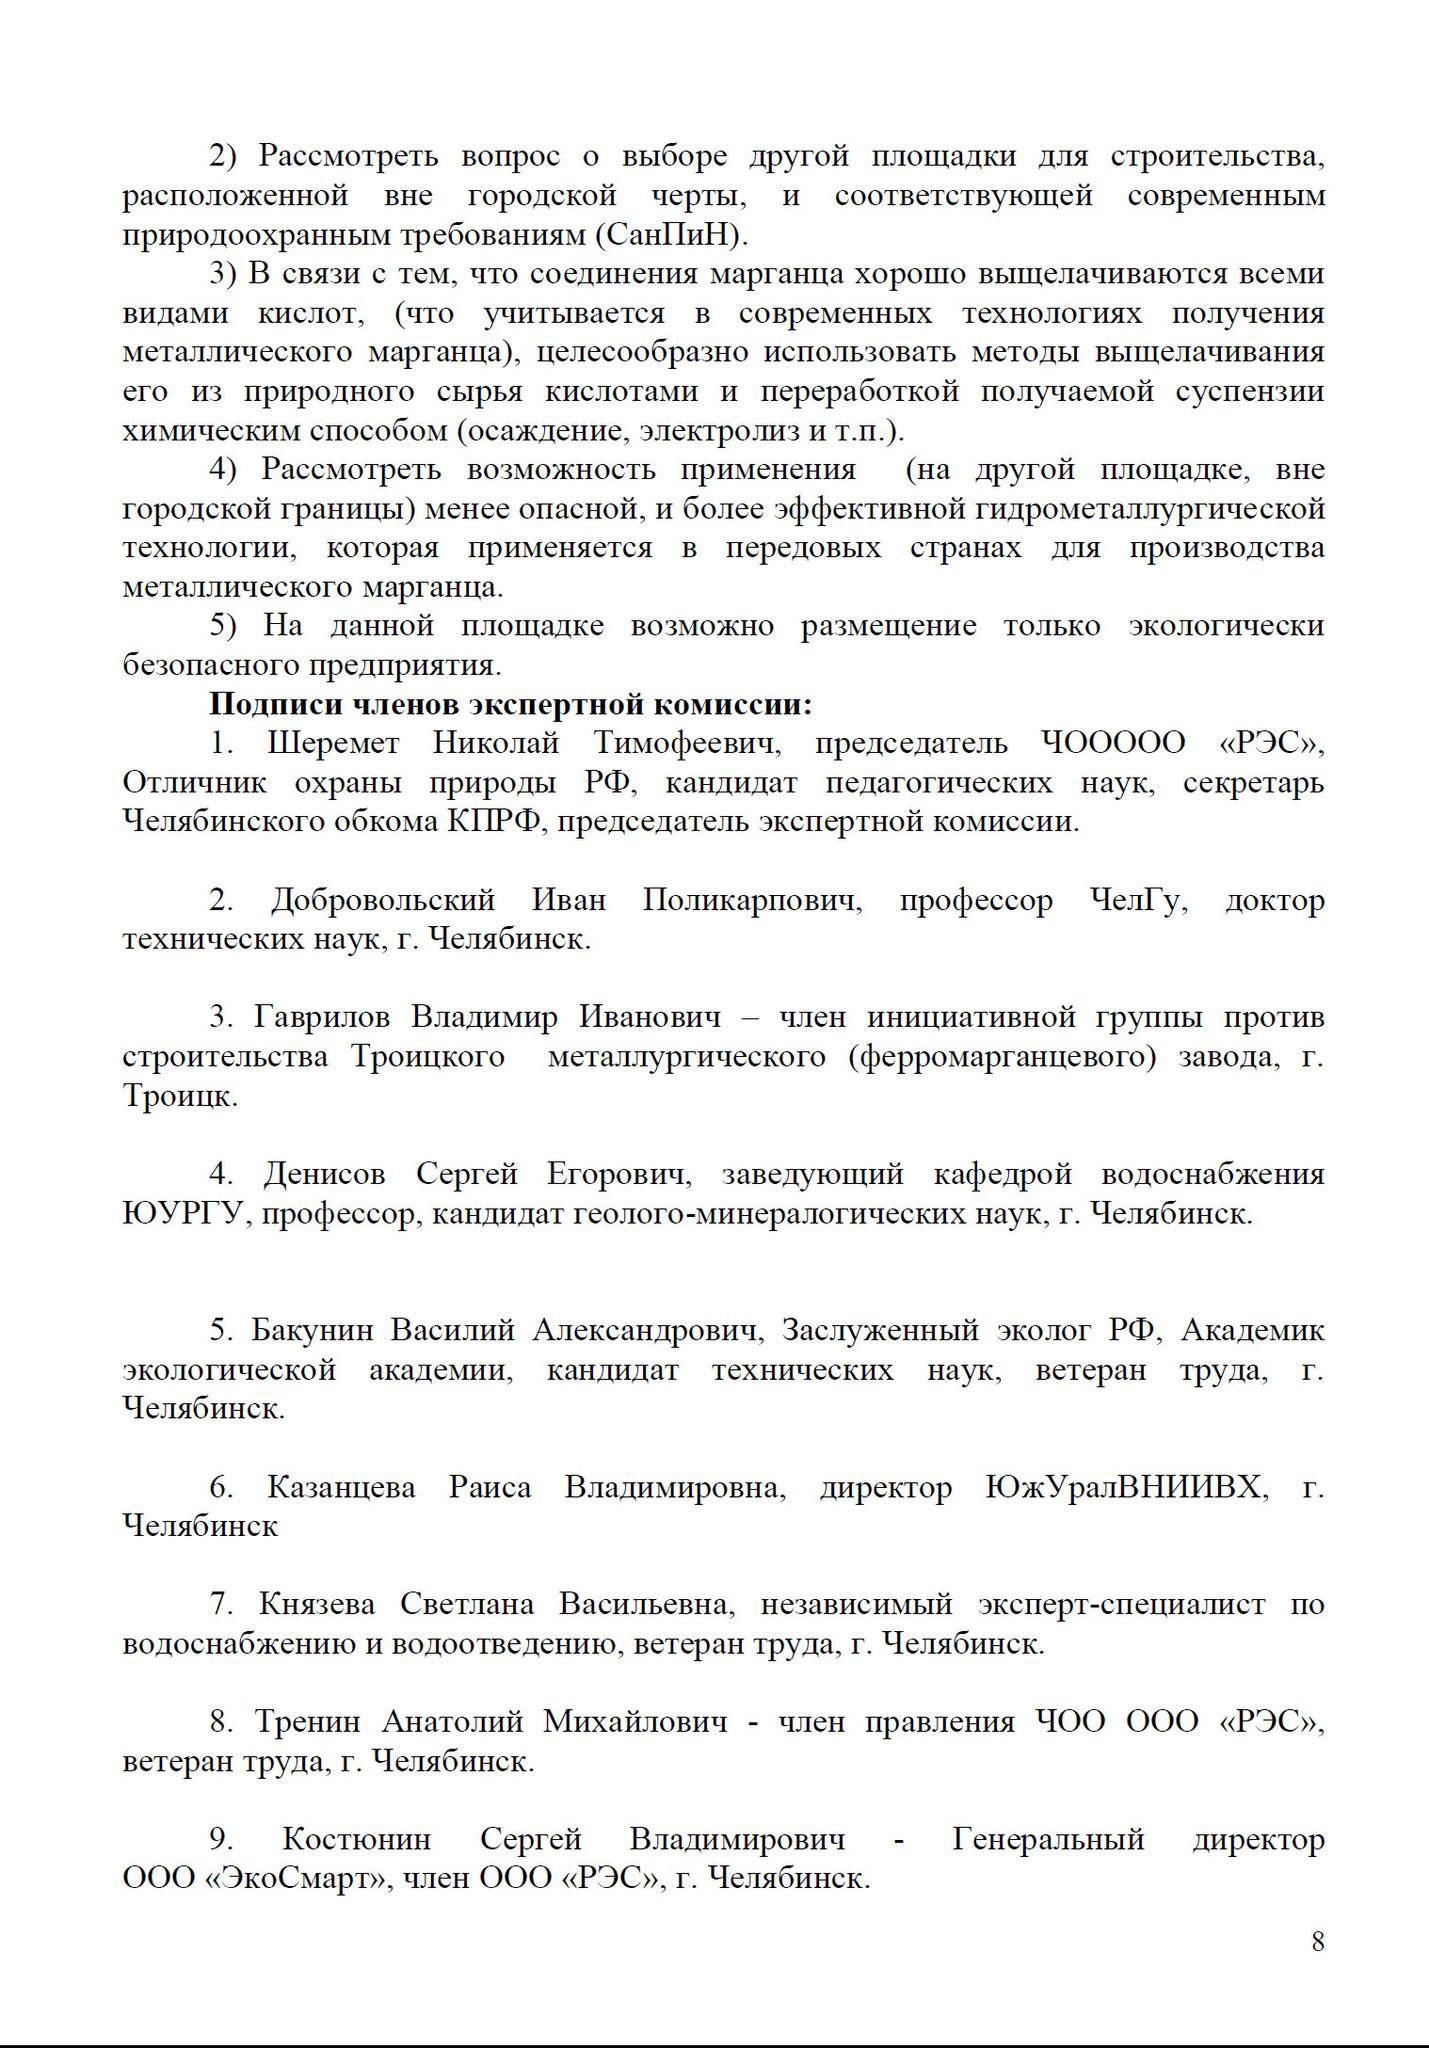 Рецензия  ОВОСа ТМЗ